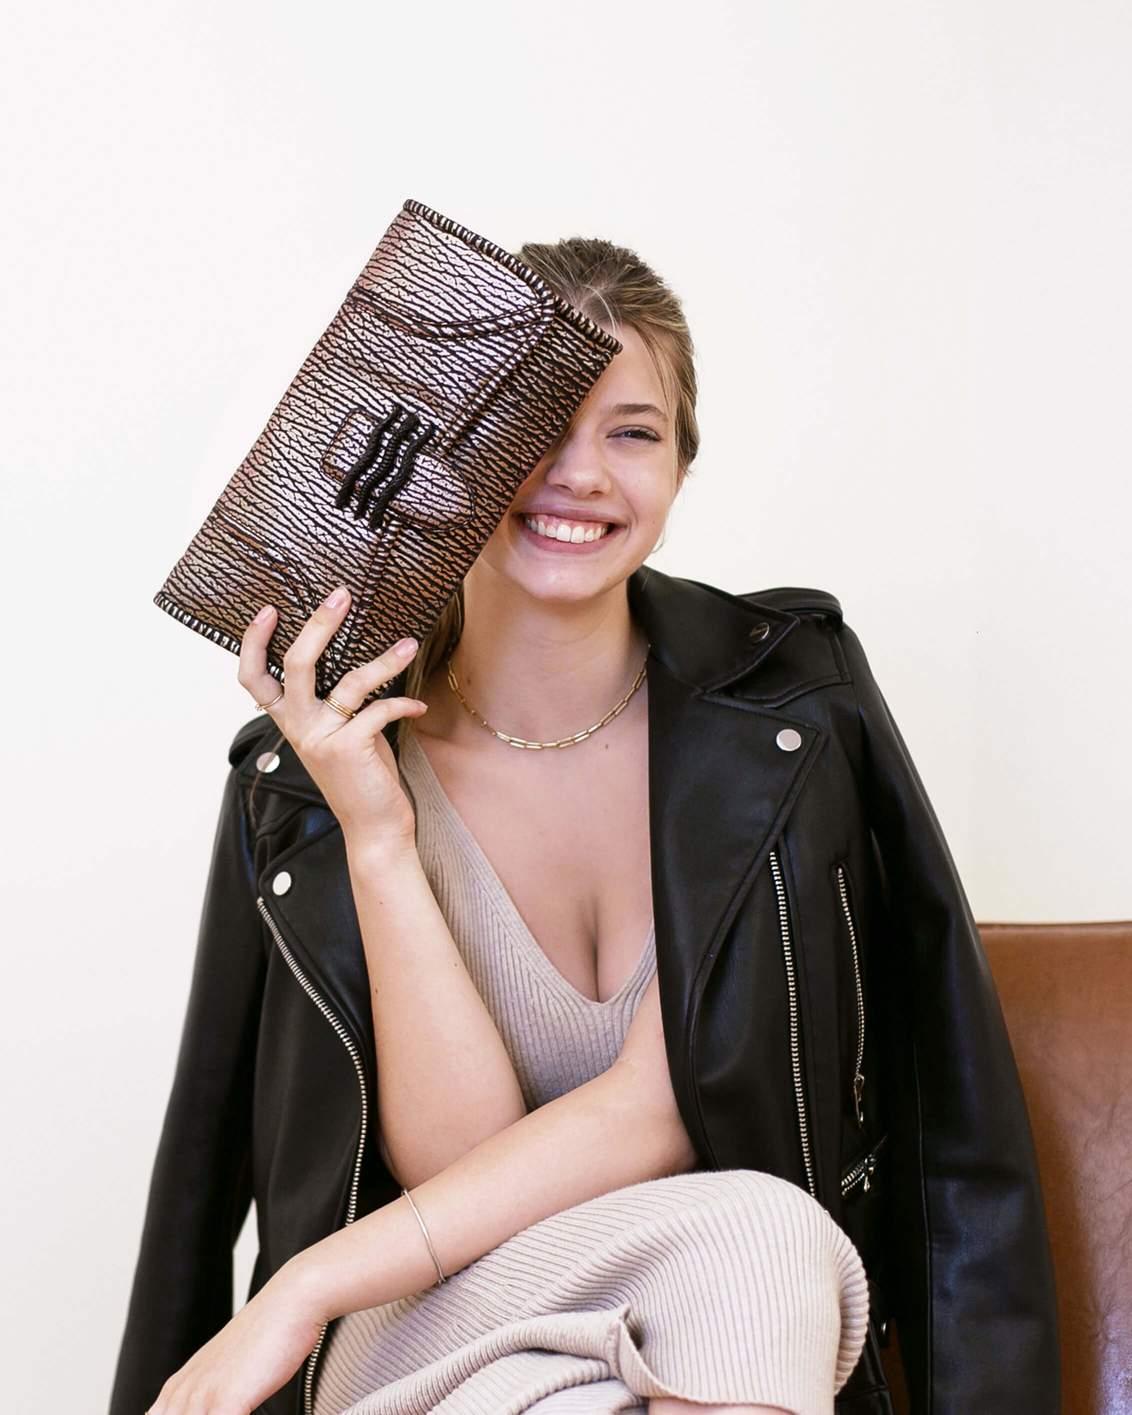 Aimee Kestenberg: 15% Off Full-priced Items